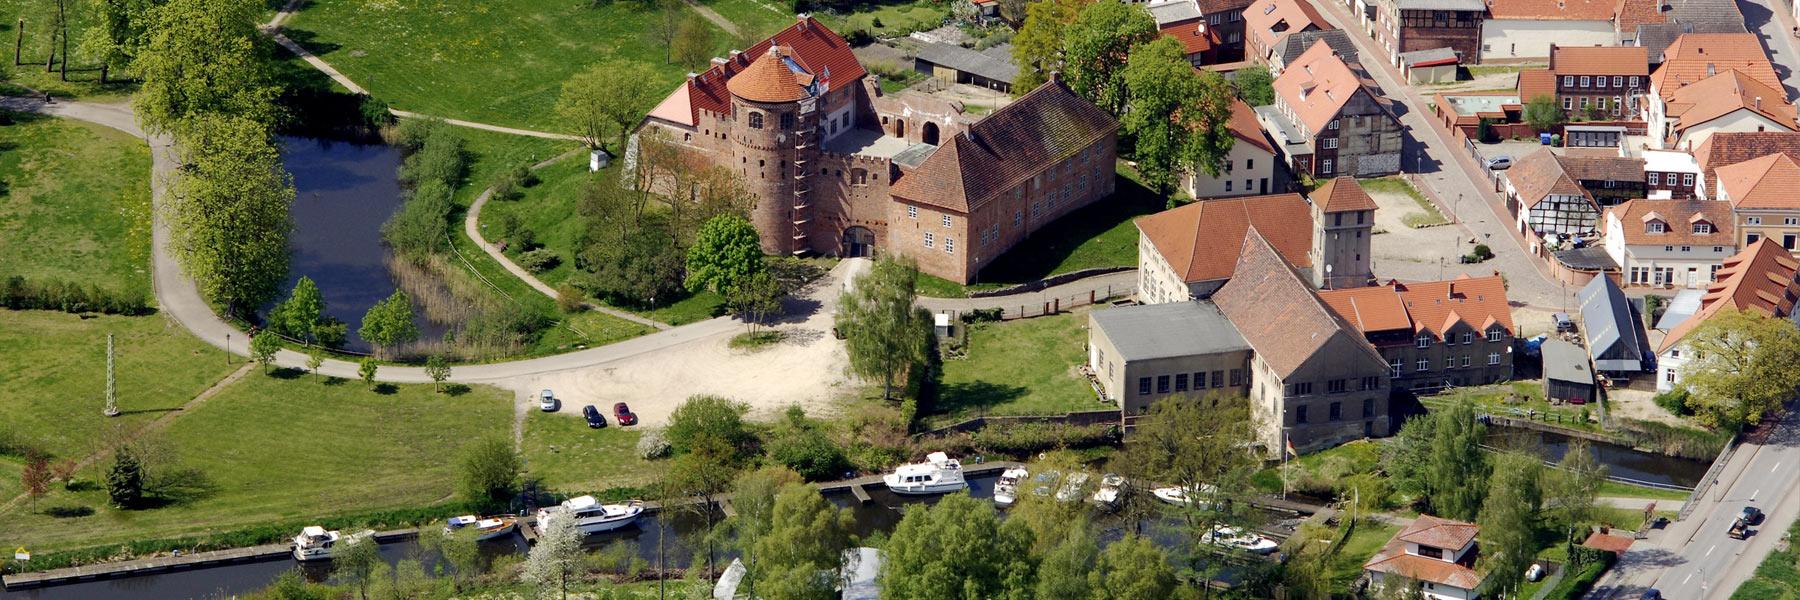 Luftaufnahme - Stadtverwaltung Neustadt-Glewe